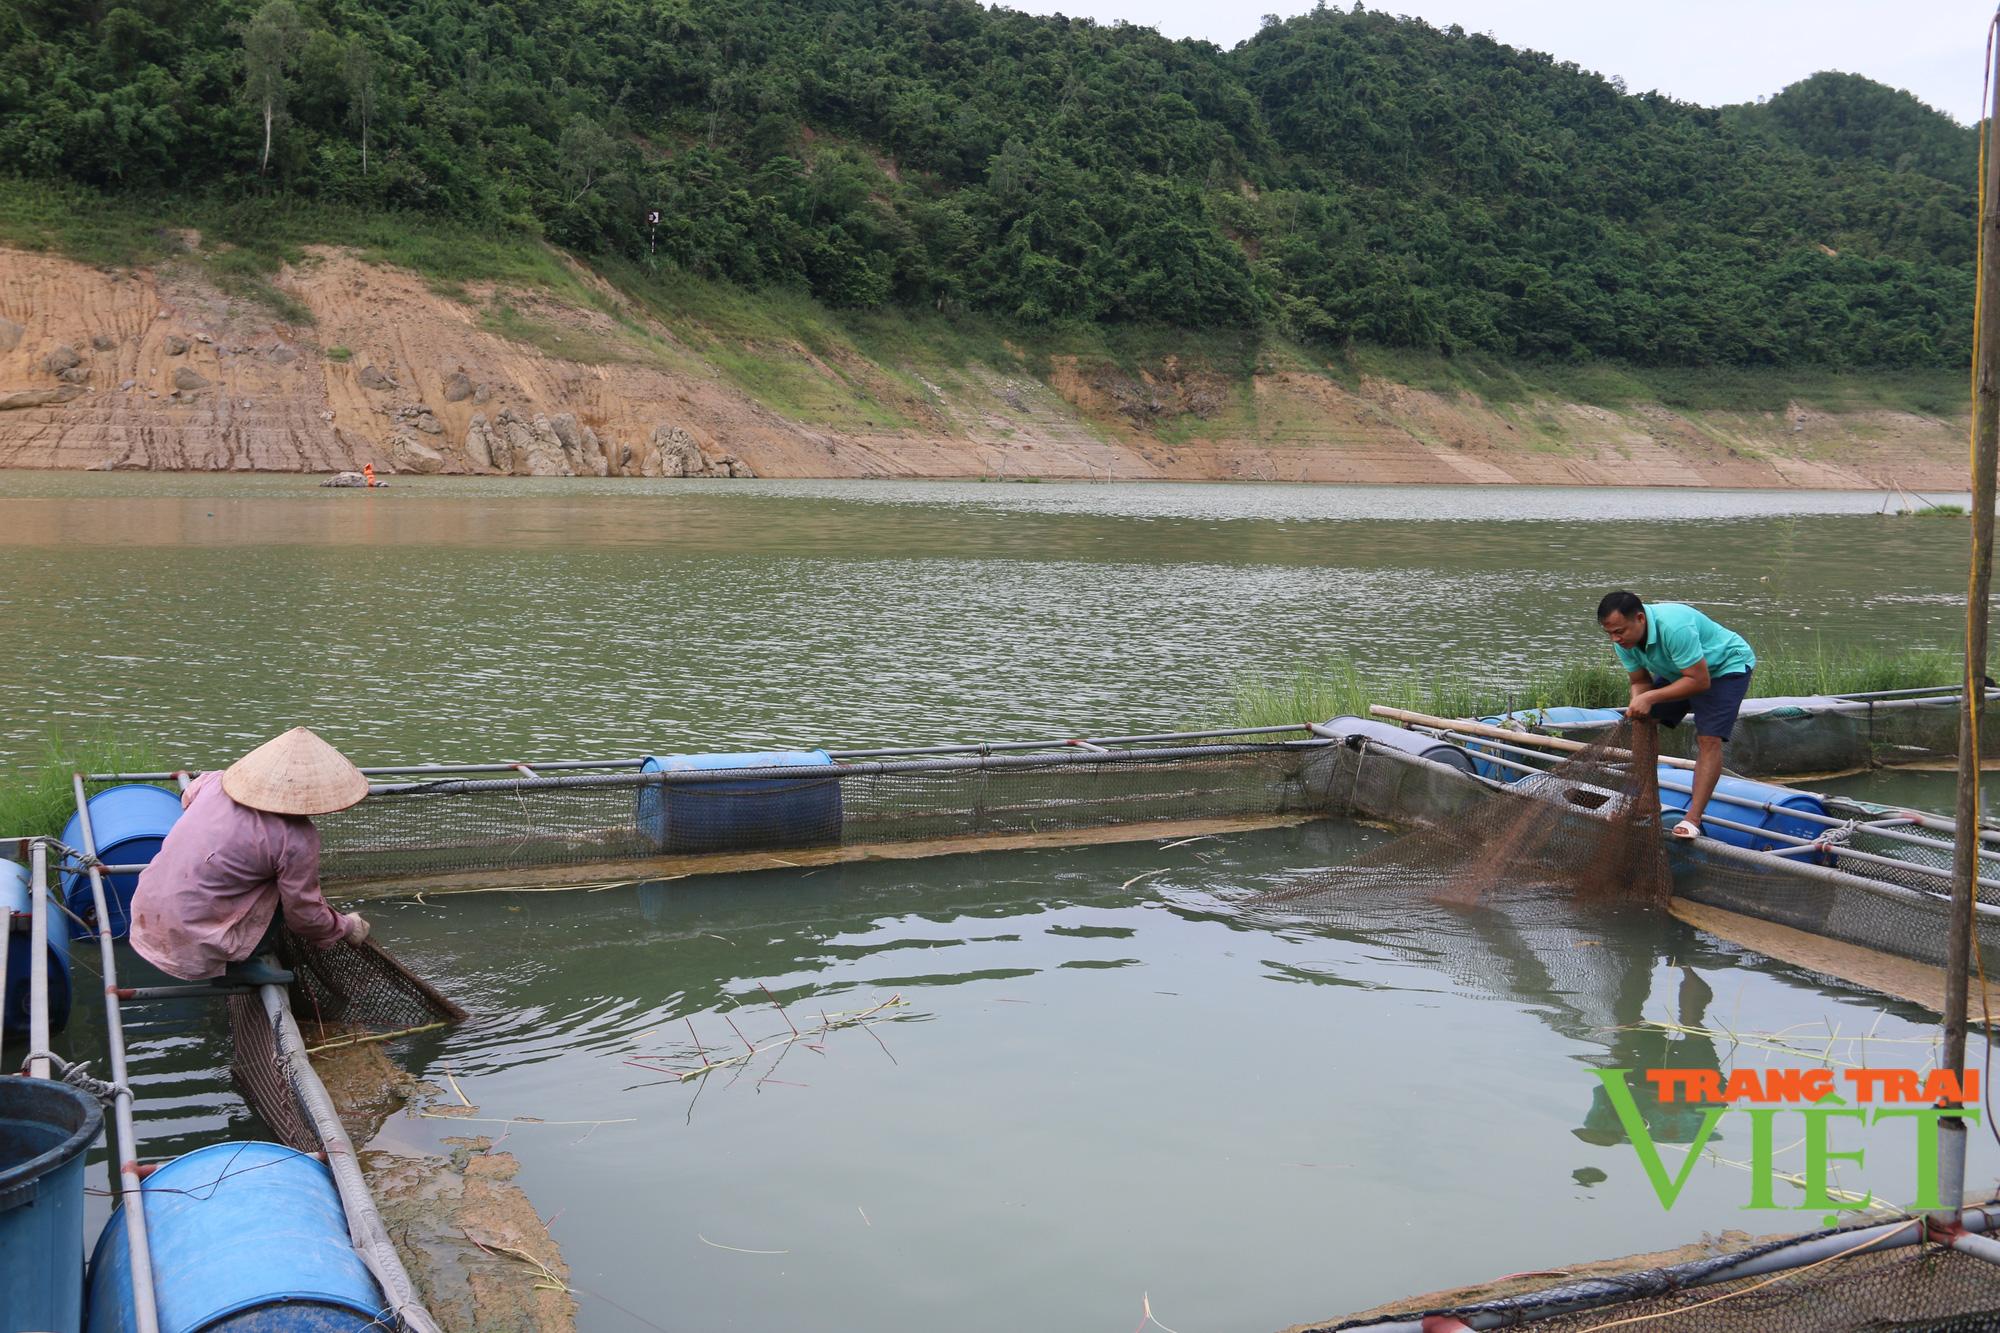 Hội Nông dân tỉnh Hoà Bình: Tập huấn, hỗ trợ hội viên phát triển kinh tế - Ảnh 2.